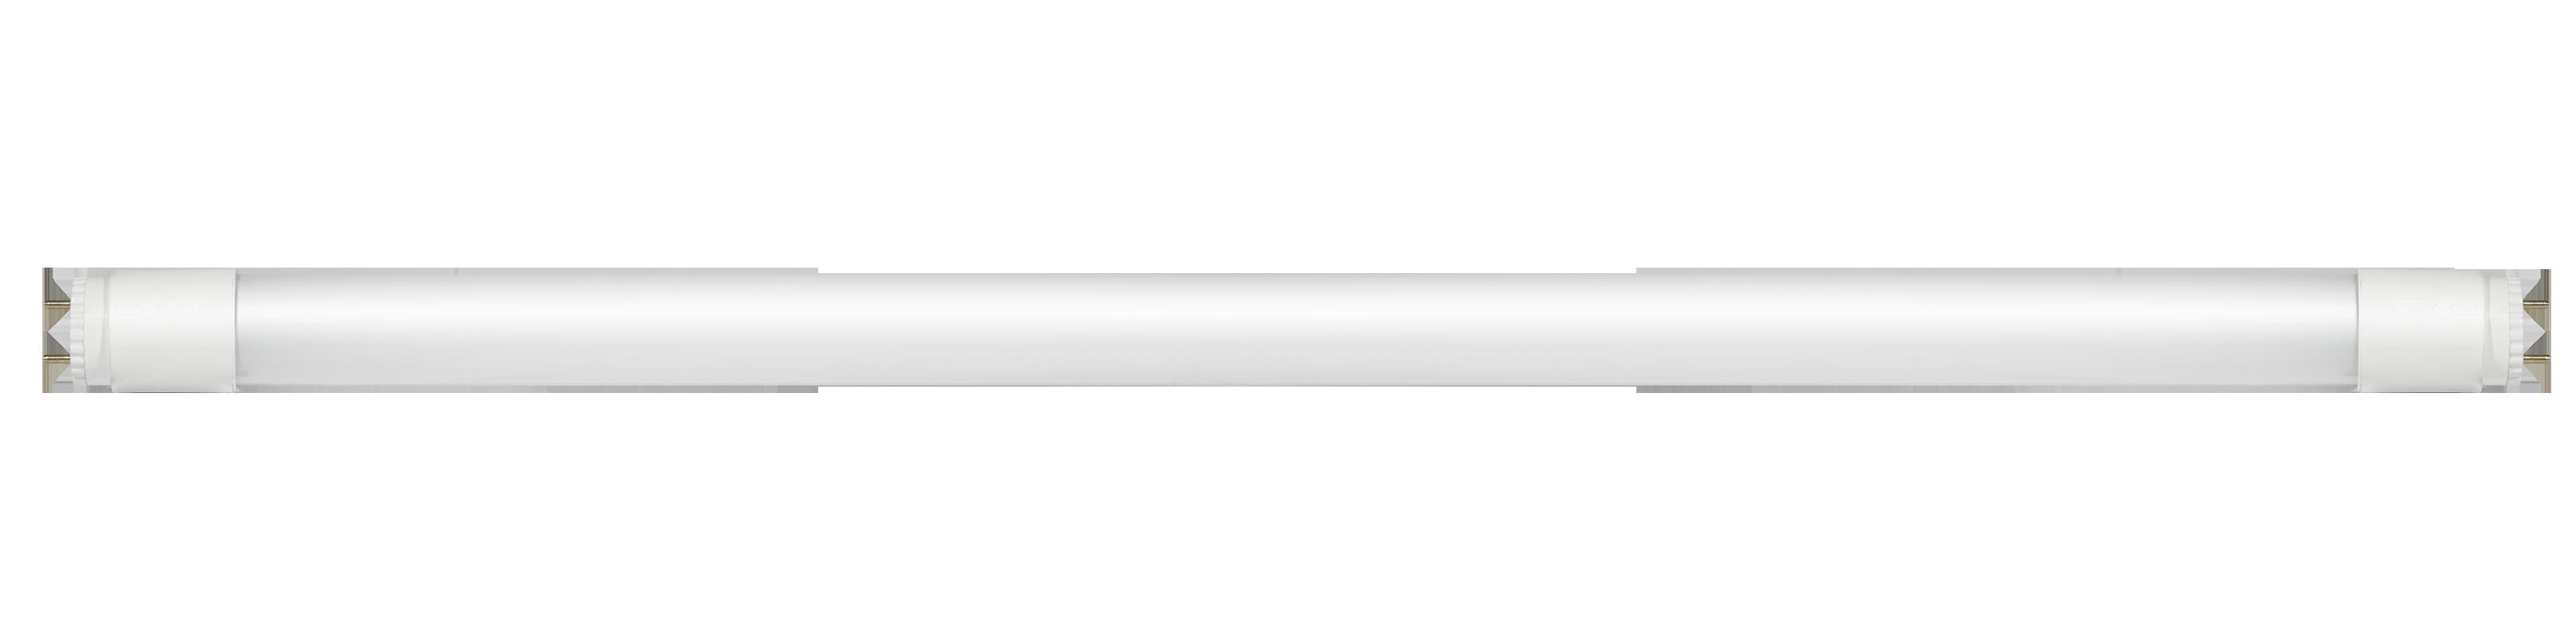 Купить Лампа светодиодная ASD 4690612002606 10Вт 160-260В G13 4000К 800Лм 600мм T8R-sta